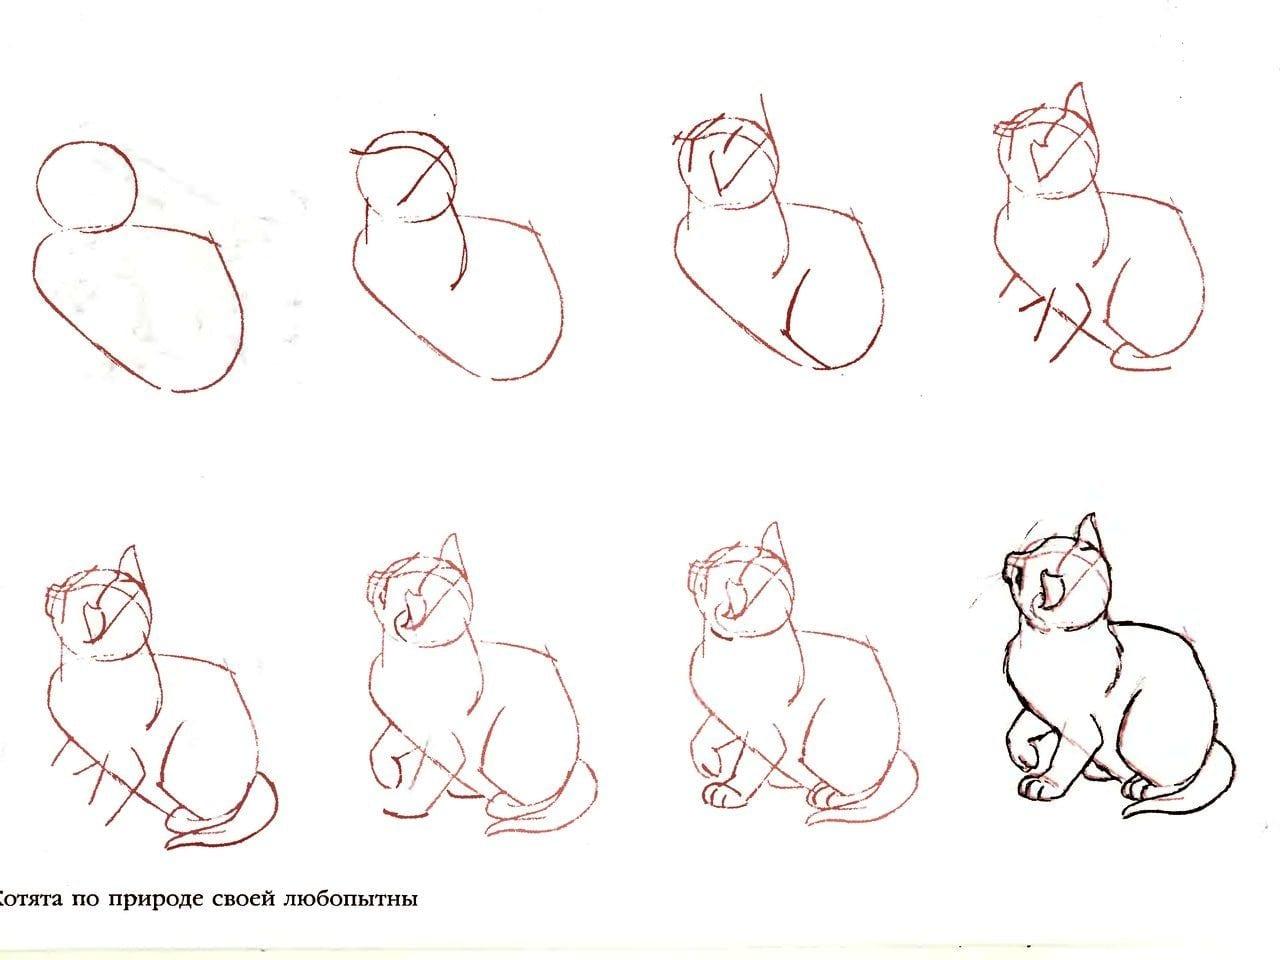 как нарисовать домашнего котенка